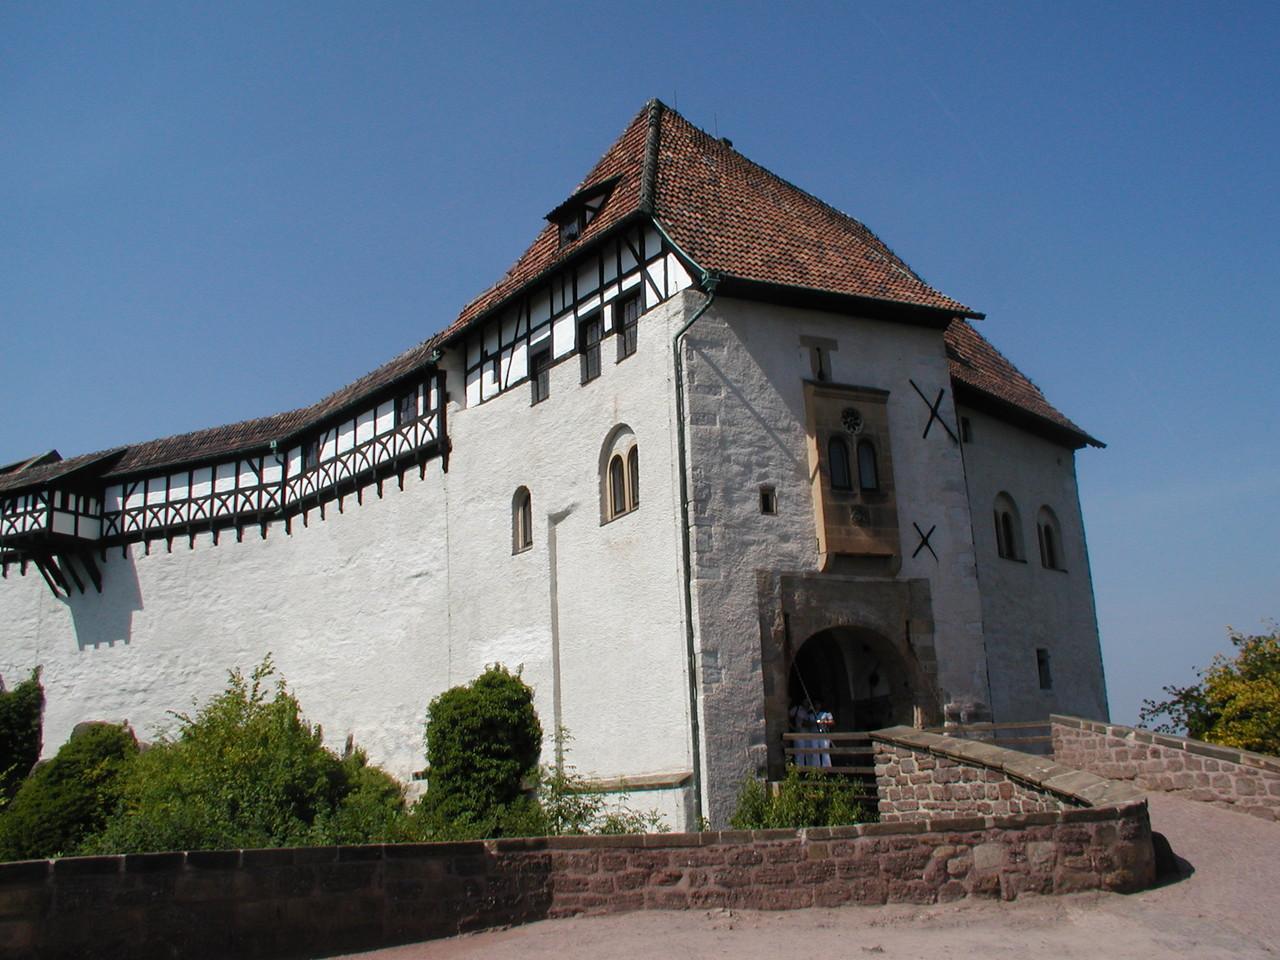 Ausflug Eisenach Juli 2006 - Die Wartburg